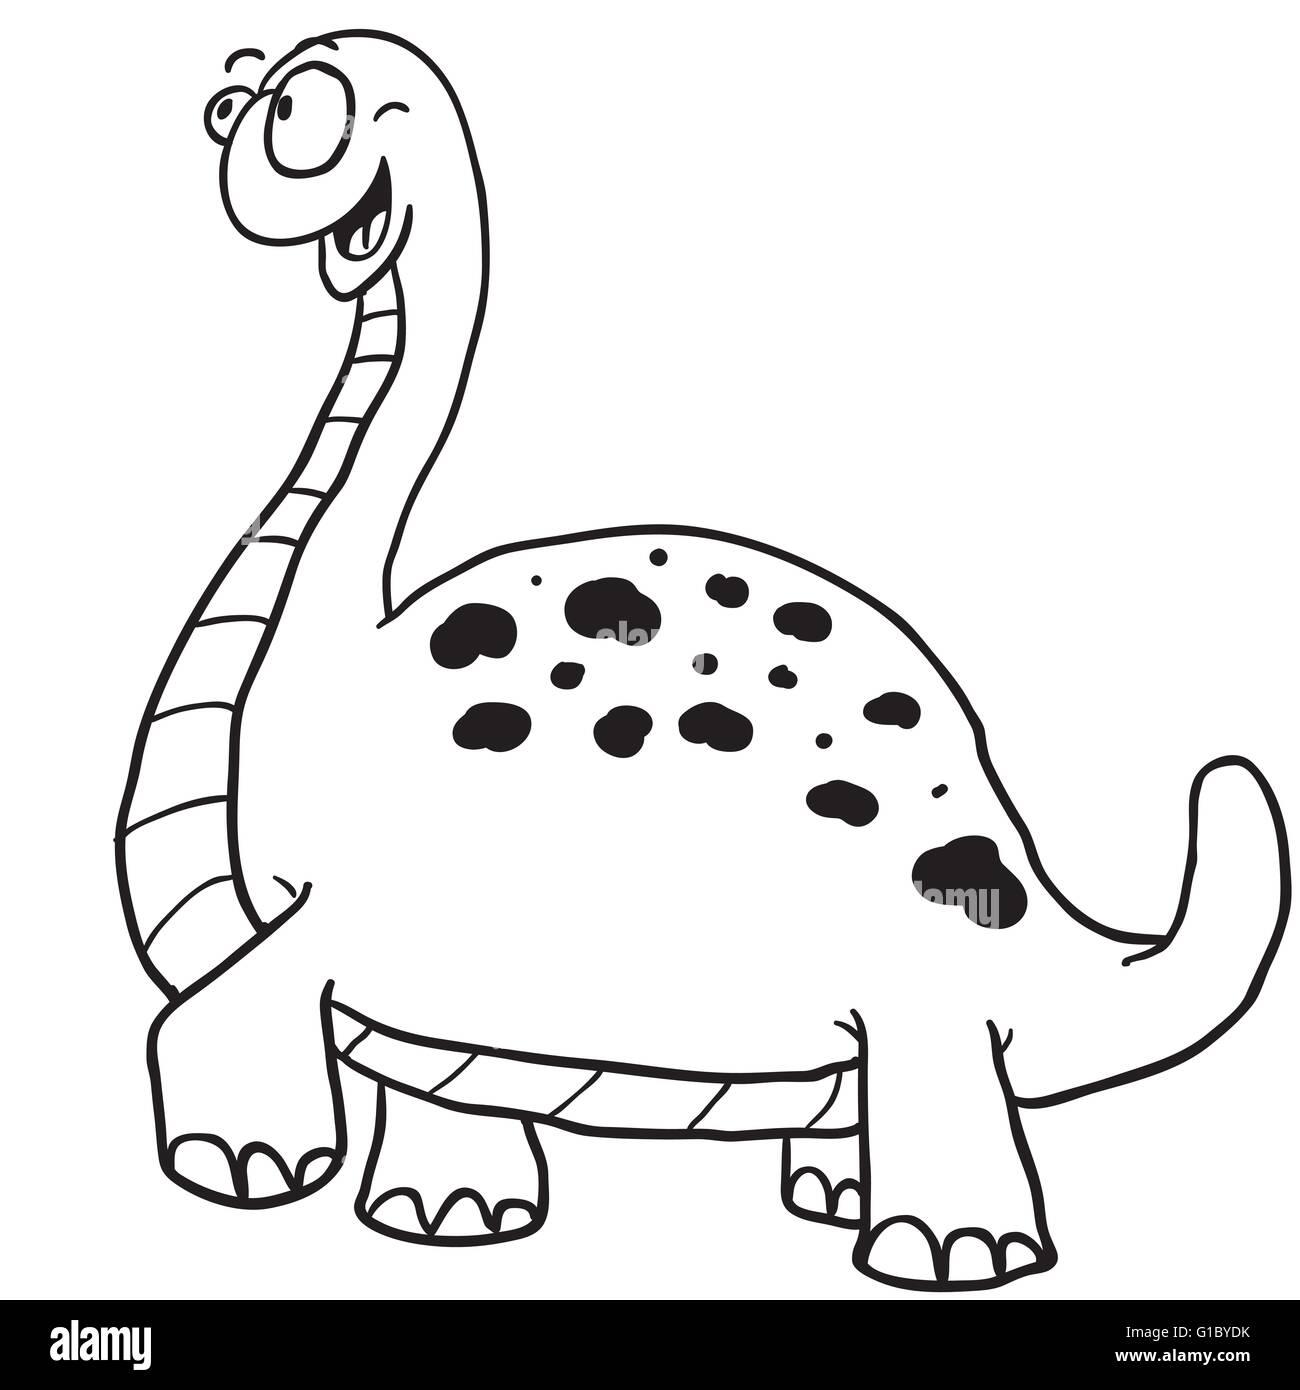 """Simple En Blanco Y Negro De Dibujos Animados Dinosaurios Imagen Vector De Stock Alamy Colección de impresiones en lienzo """"cuadros en blanco y negro son más populares las obras de este artista, que están disponibles en. https www alamy es foto simple en blanco y negro de dibujos animados dinosaurios 104139887 html"""